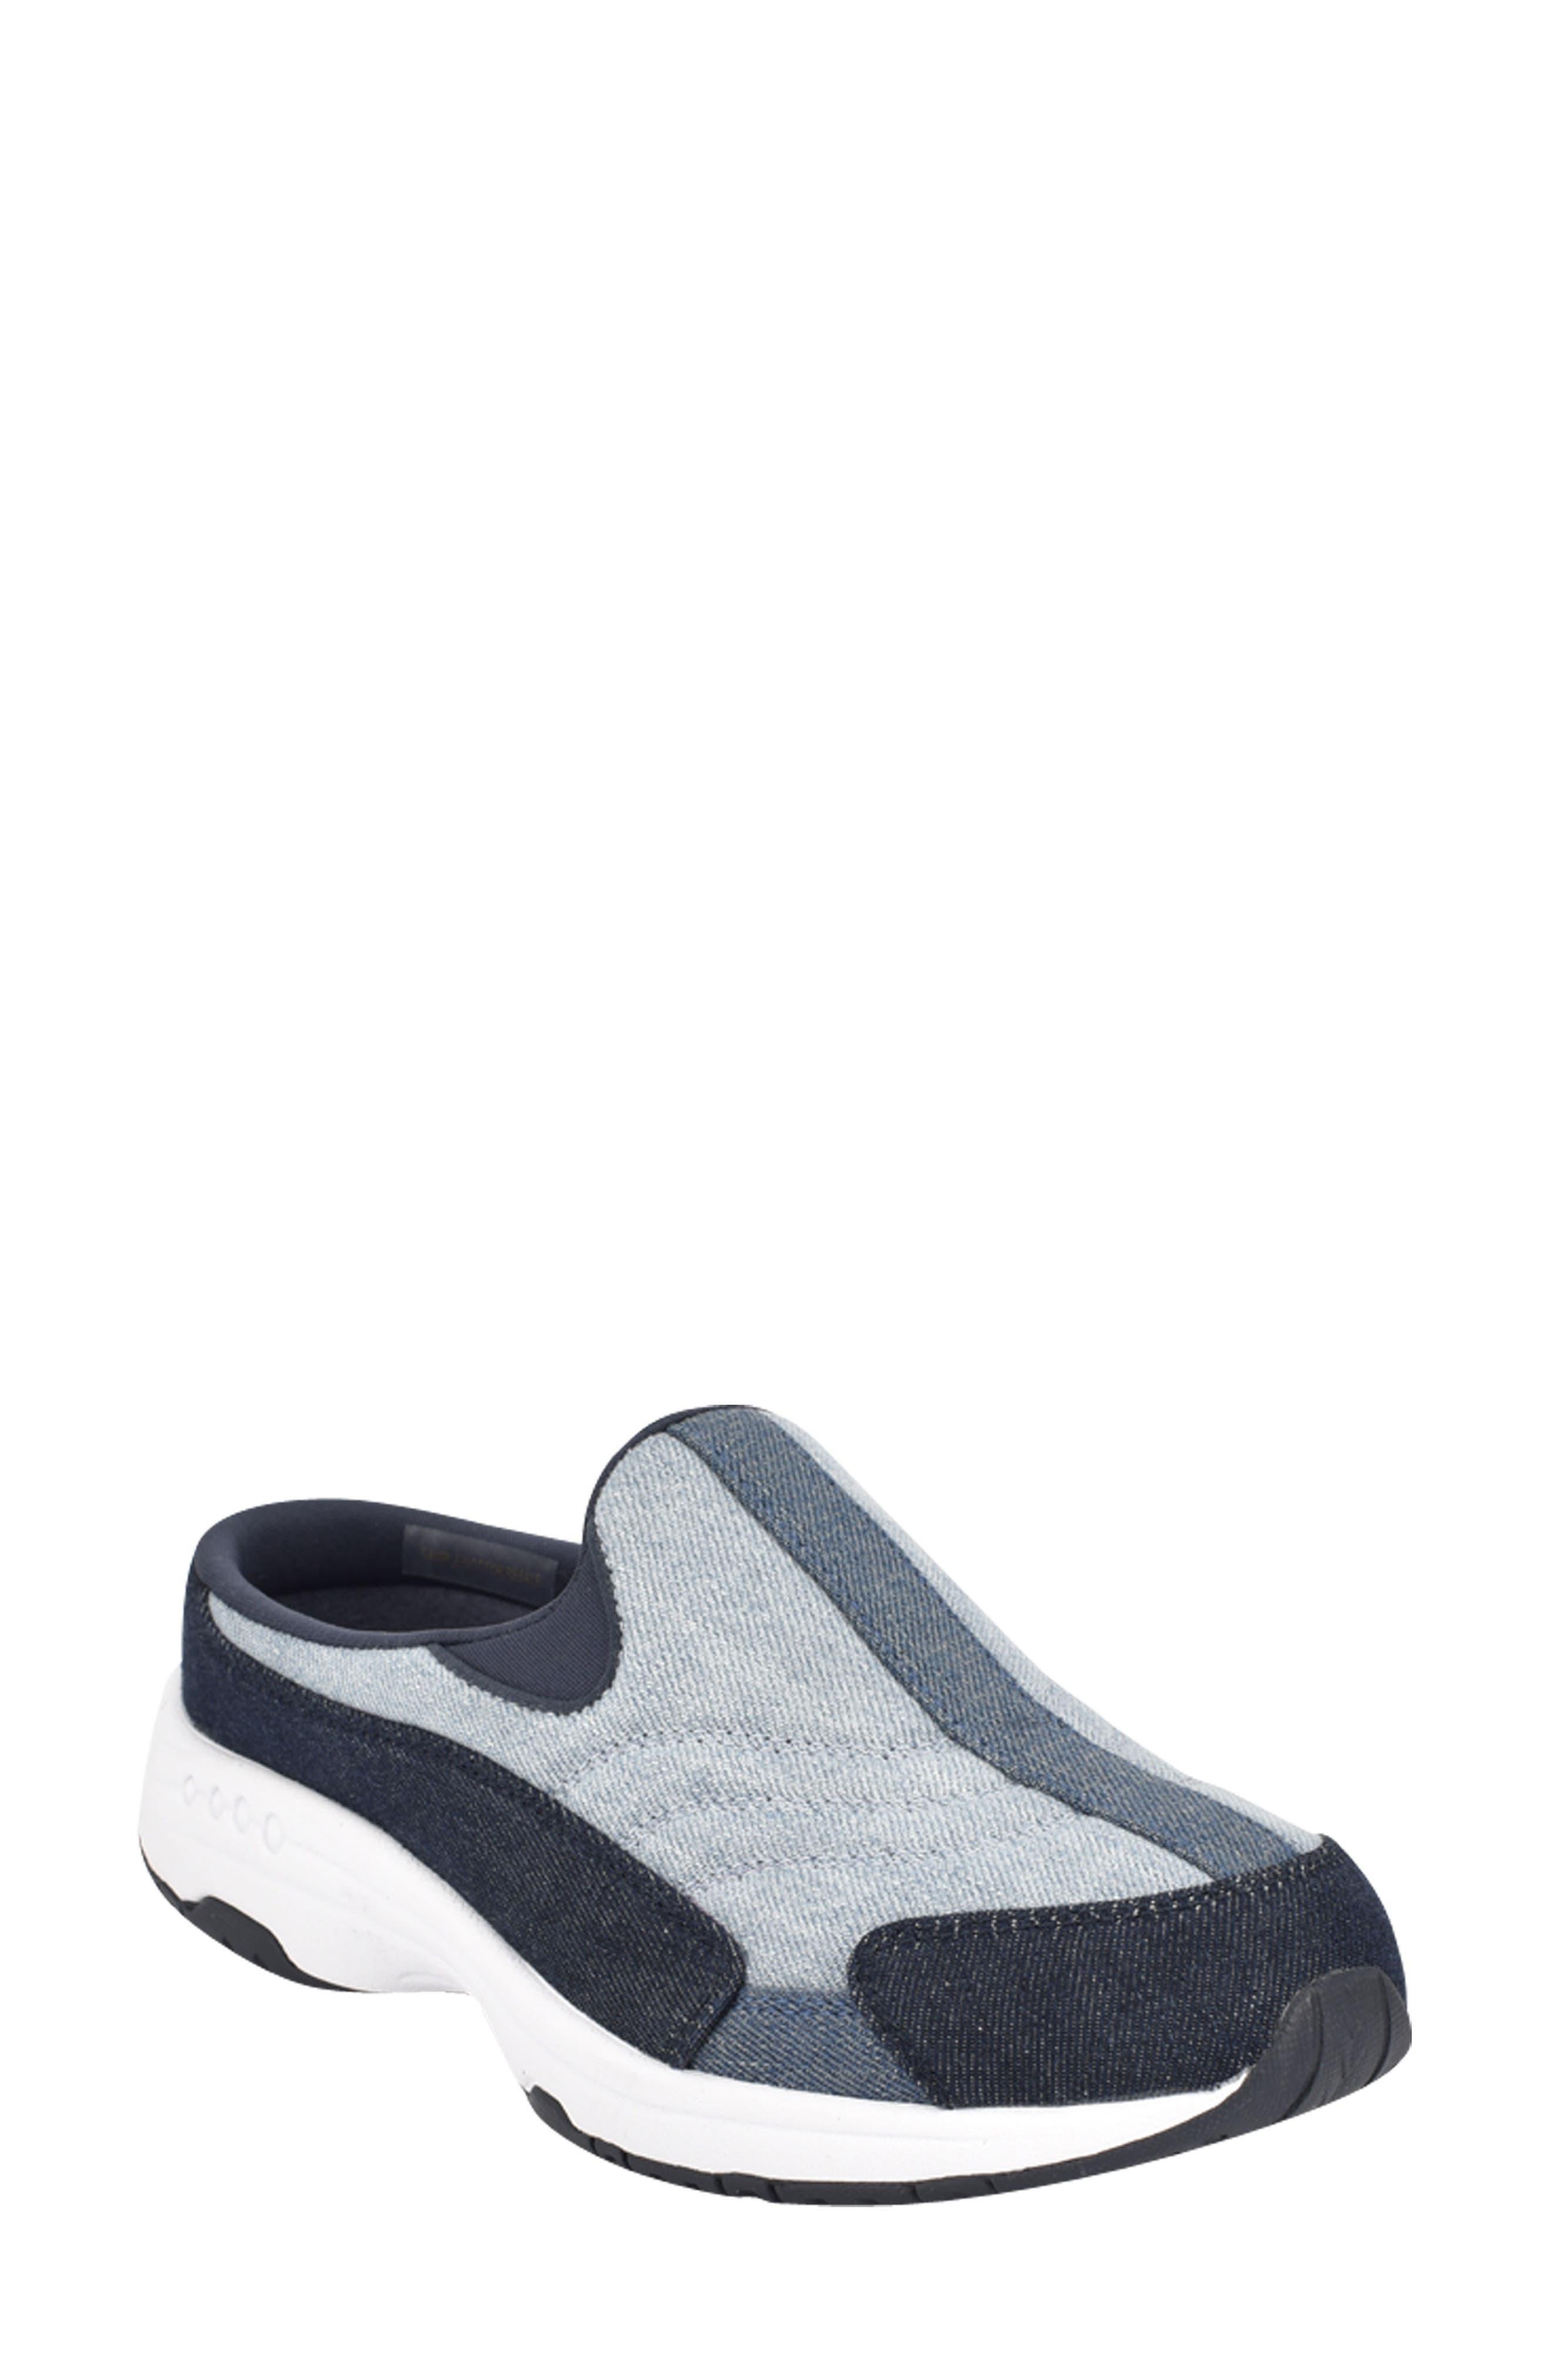 Women's Easy Spirit Comfort Shoes: Sale